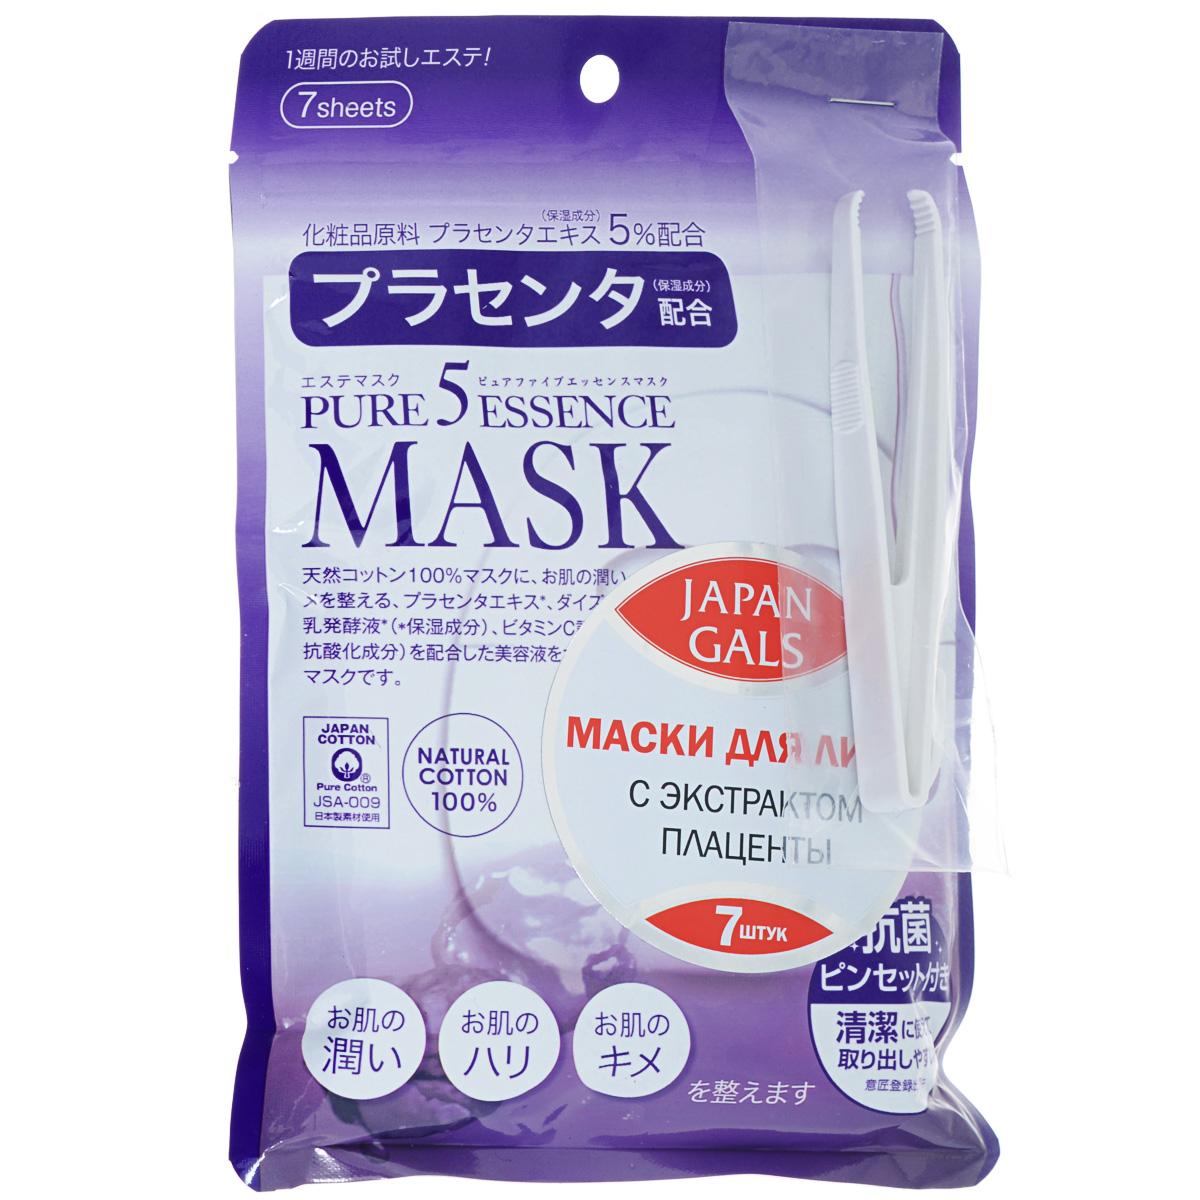 Japan Gals Маска с плацентой Pure 5 Essential 7 штFS-00103Экстракт плацентыЭкстракт плаценты - уникальный природный комплекс, содержащий белки, нуклеиновые кислоты, полисахариды, липиды, ферменты, аминокислоты, ненасыщенные жирные кислоты, витамины и микроэлементы. Благодаря экстракту плаценты стимулируется периферический кровоток. Это позволяет улучшить кровоснабжение кожи, из нее выводятся токсины, активизируется клеточное дыхание, улучшается метаболизм. Экстракт плаценты позволяет поднять меланин из глубоких слоев на поверхность кожи, откуда он удаляется при отшелушивании вместе с кератином. Выжимка из плаценты снимает воспаление, полученное от длительного воздействия солнечных лучей.Особый крой маски обеспечивает эффект 3D-прилегания, а большая площадь ткани гарантирует полное покрытие. Также у маски имеются специальные кармашки для прора-ботки зоны в области глаз.Как пользоваться: Расправить маску. Наложить на лицо и разгладить. Держать в течение 5-10 минут. Подходит для ежедневного применения.Хранение: Держать в недоступном для детей месте. Во избежание попадания инородных тел, выливания жидкости или пересыхания, после использования плотно закрыть молнию и хранить вертикально молнией вверх. Не рекомендуется хранить открытую упаковку под прямыми солнечными лучами.Состав: Вода, BG, глицерин, экстракт плаценты, аскорбил фосфат магния, экстракт сои, ферментированное соевое молоко, гидроксиэтилцеллюлоза, пальмовое масло, алкил, PG, димониум хлорид фосфат, феноксиэтанол, метилизотиазолинон, лимонная кислота, антикоагулянт.Эффект: улучшение цвета лица, регенерация кожи, нормализация жирового баланса, замедление старения кожи, против воспалительных процессов.